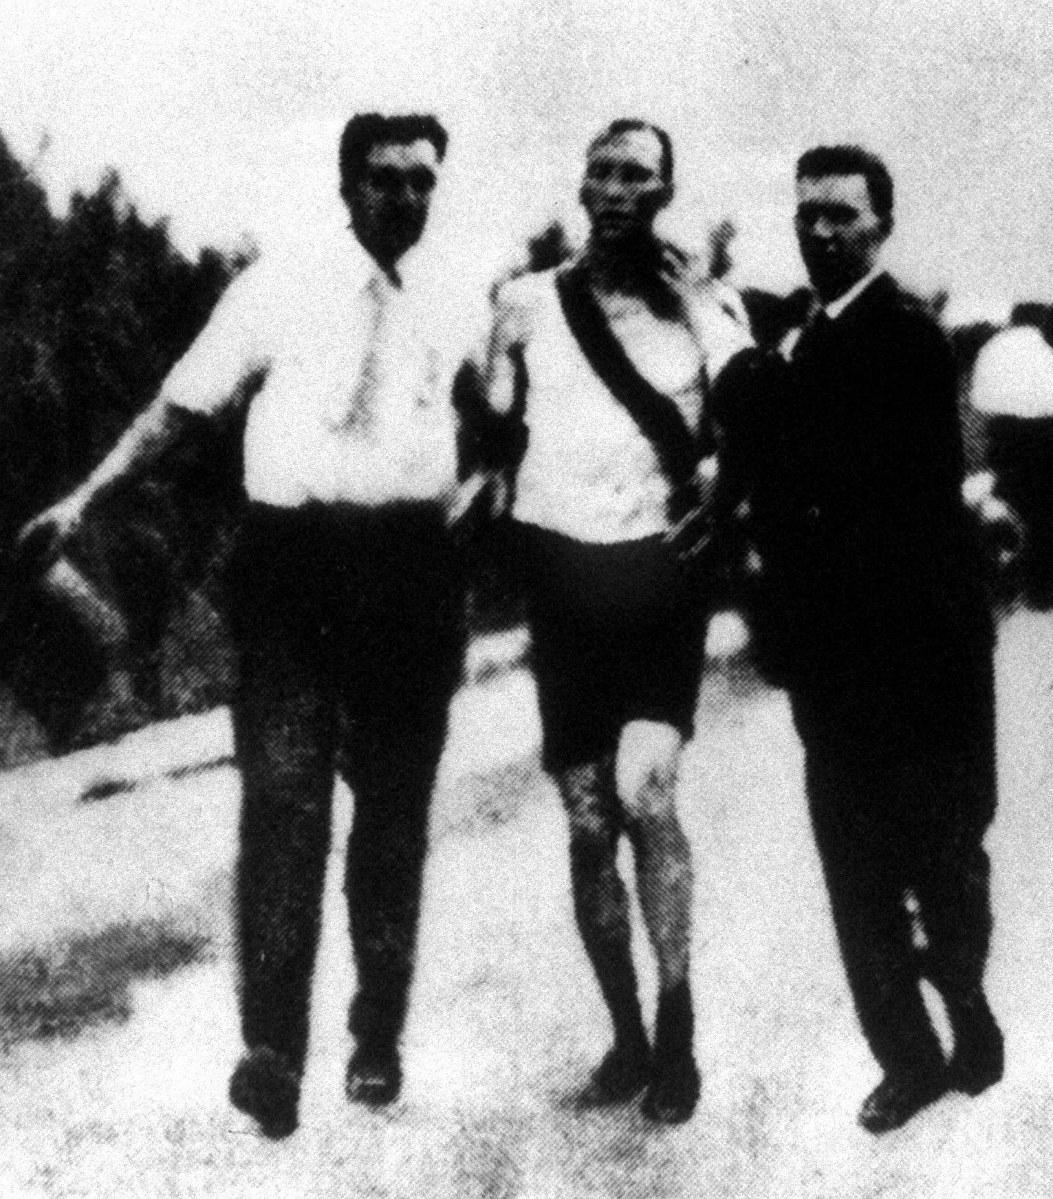 オリパラこぼれ話:陸上競技の花形種目 男子マラソンで珍事続出 - 毎日新聞